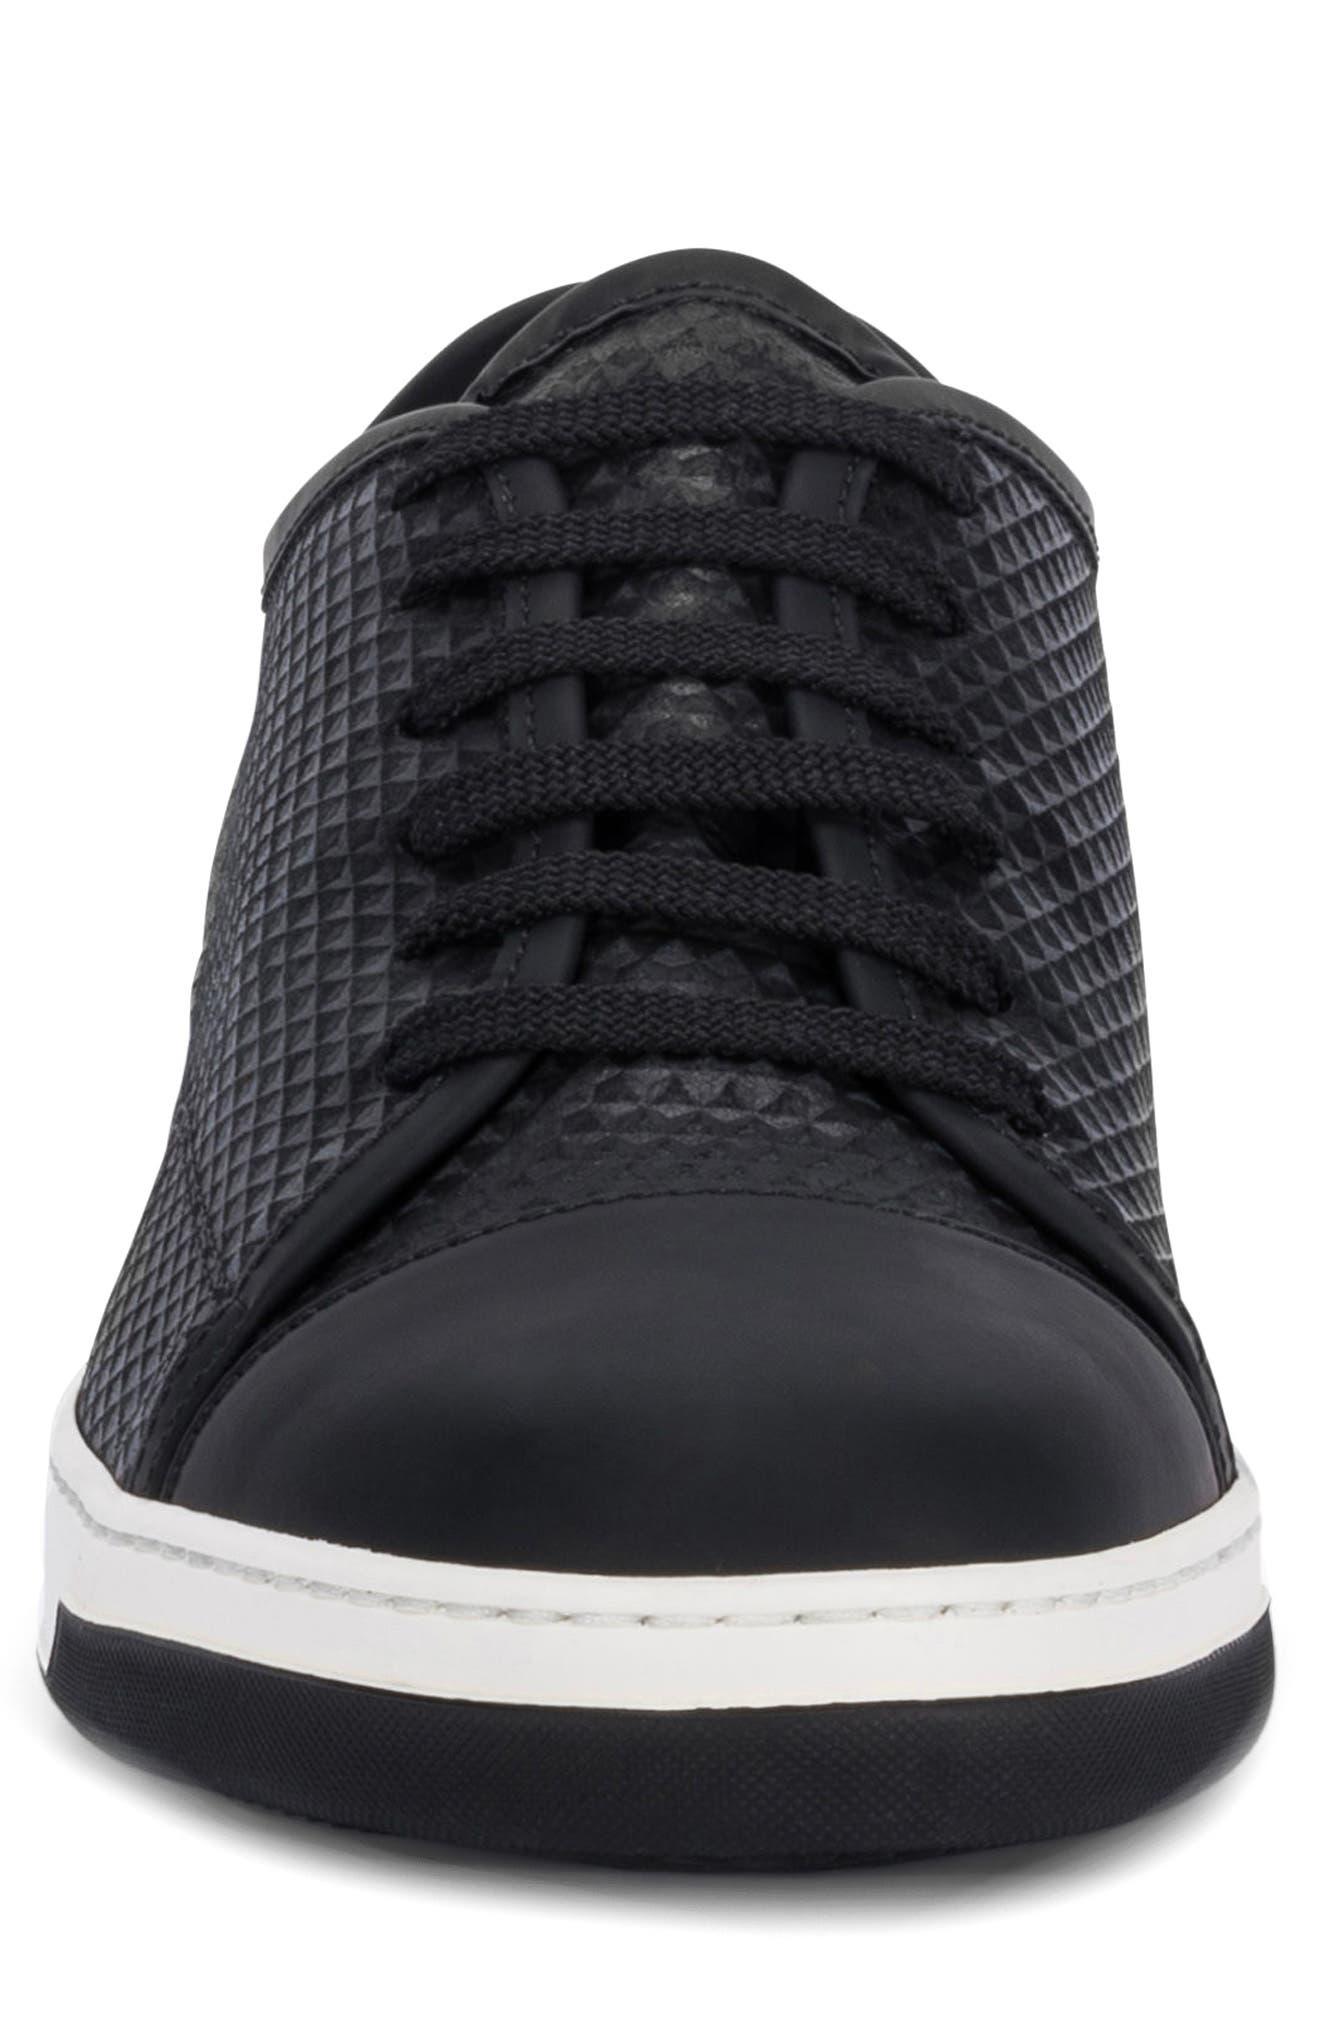 Ischia Sneaker,                             Alternate thumbnail 4, color,                             Black